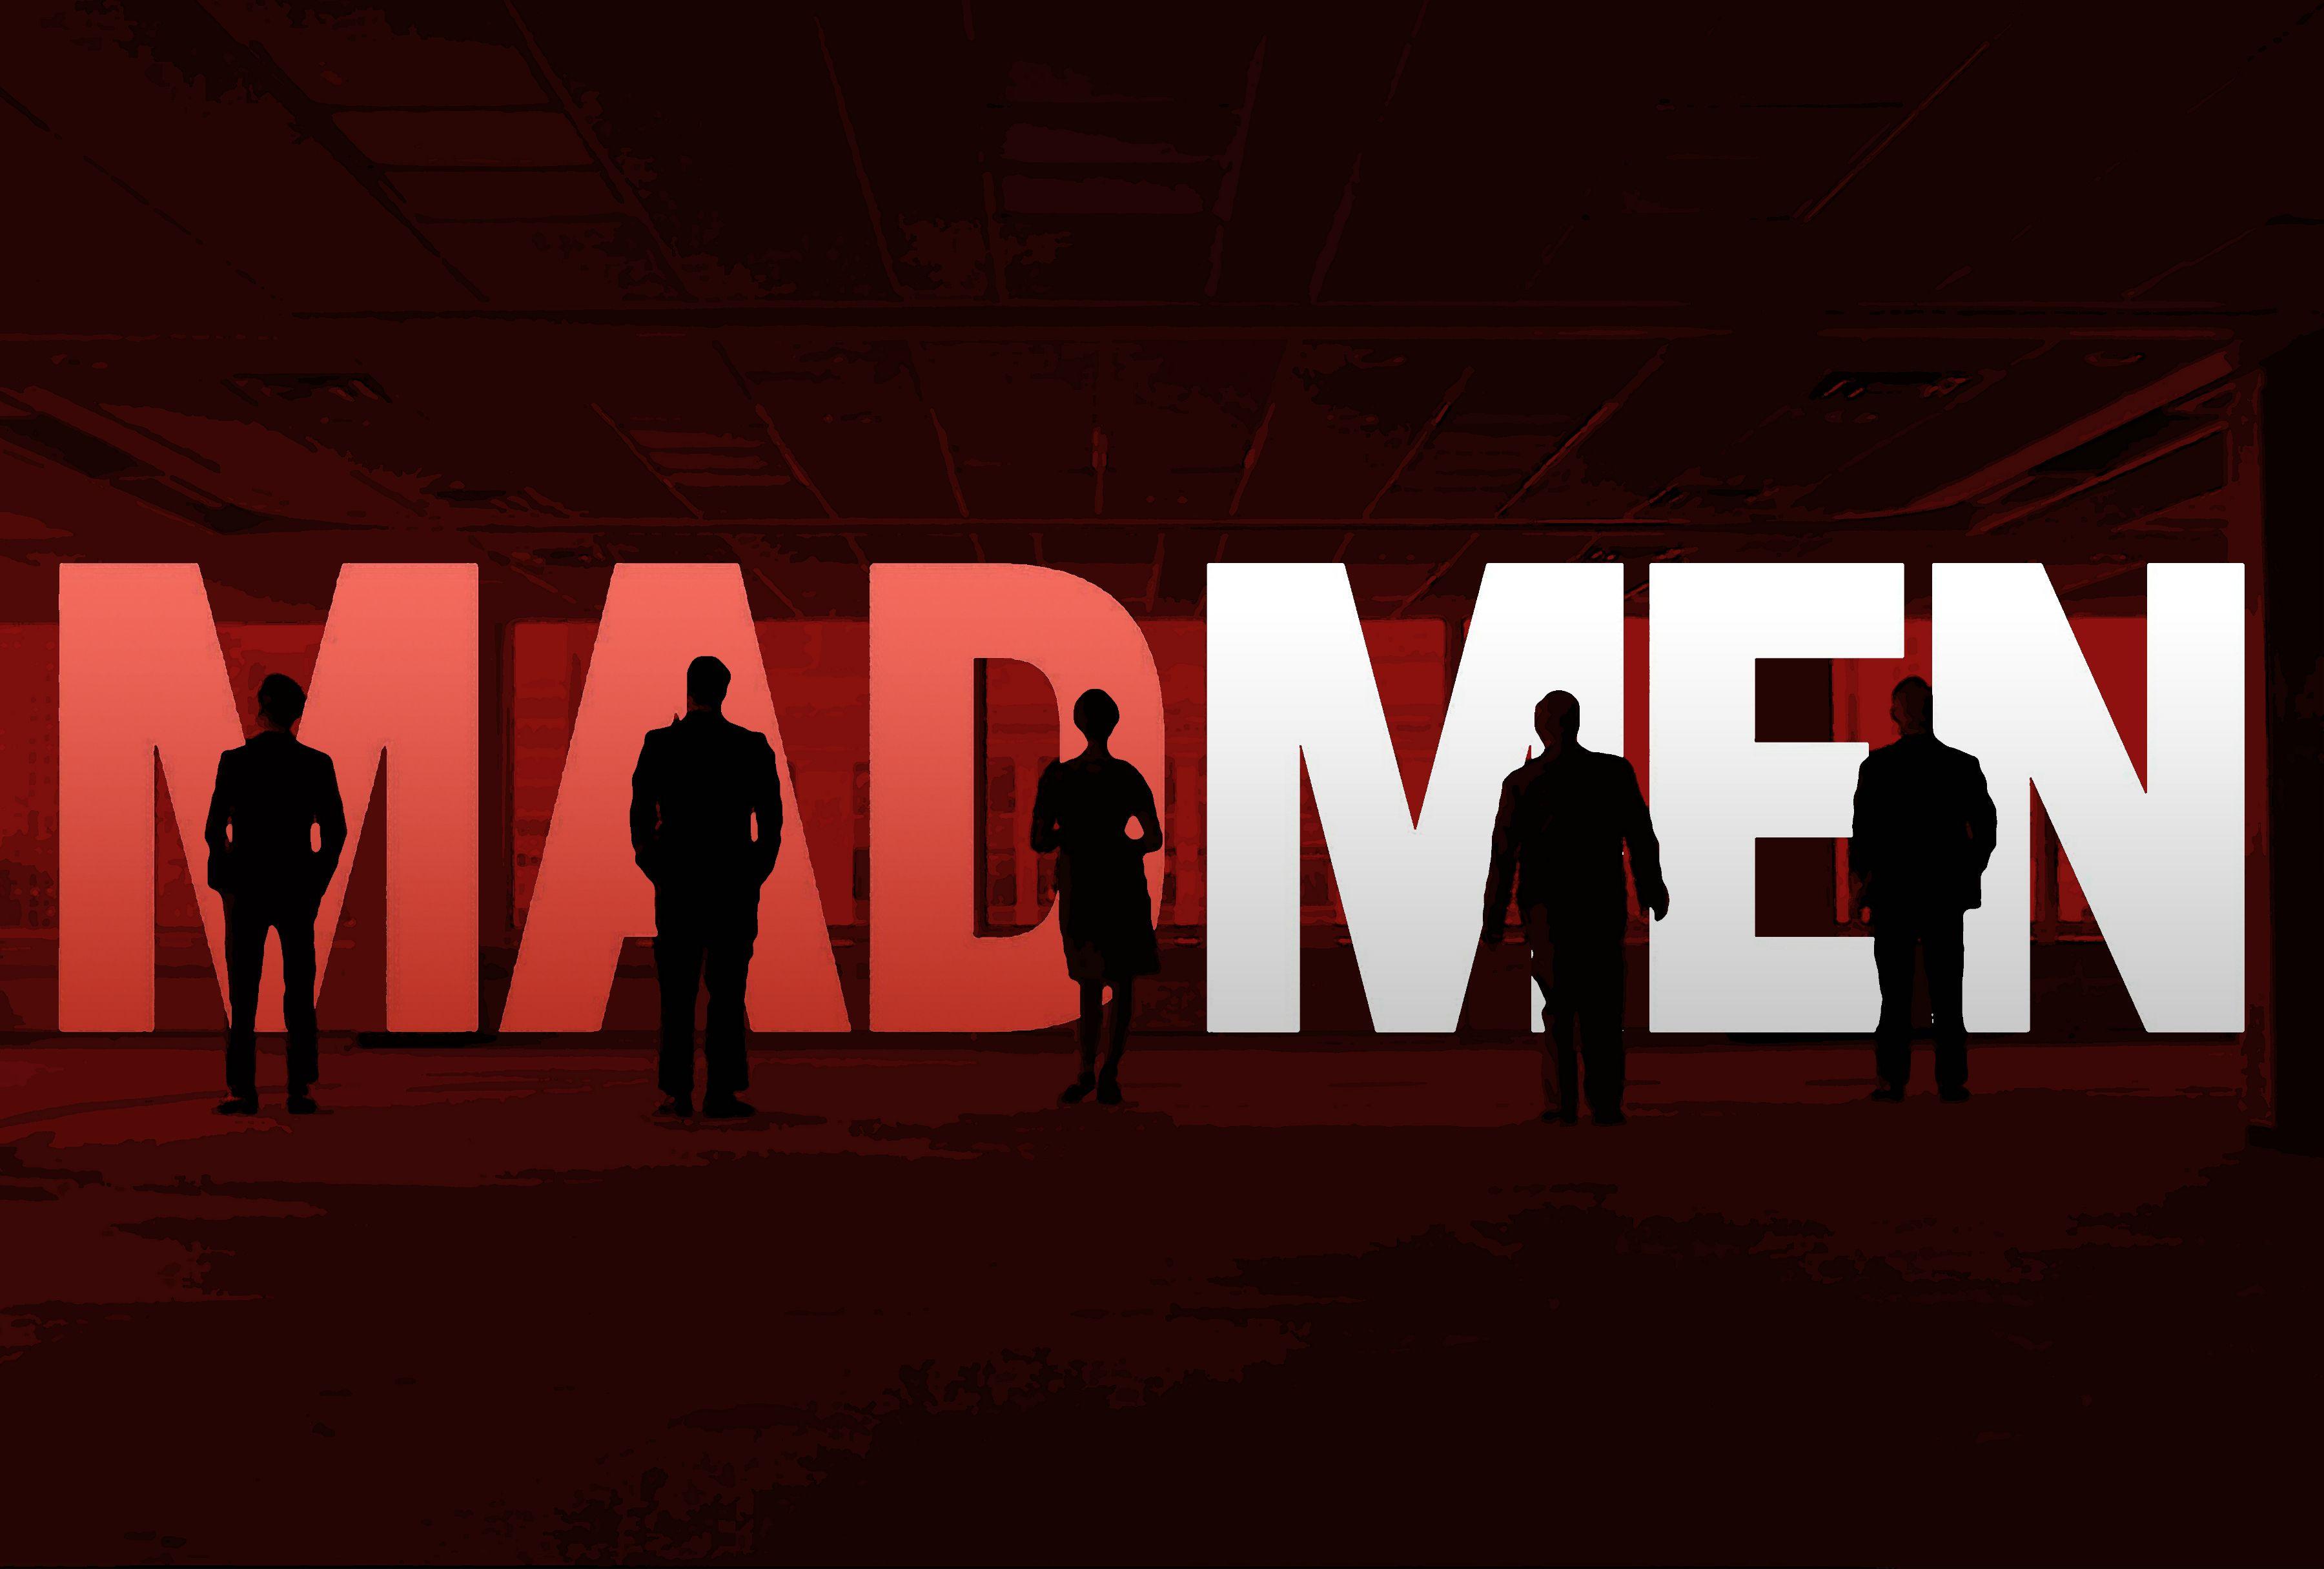 Fondos en tu ordenador. Mad-men-wallpaper-6